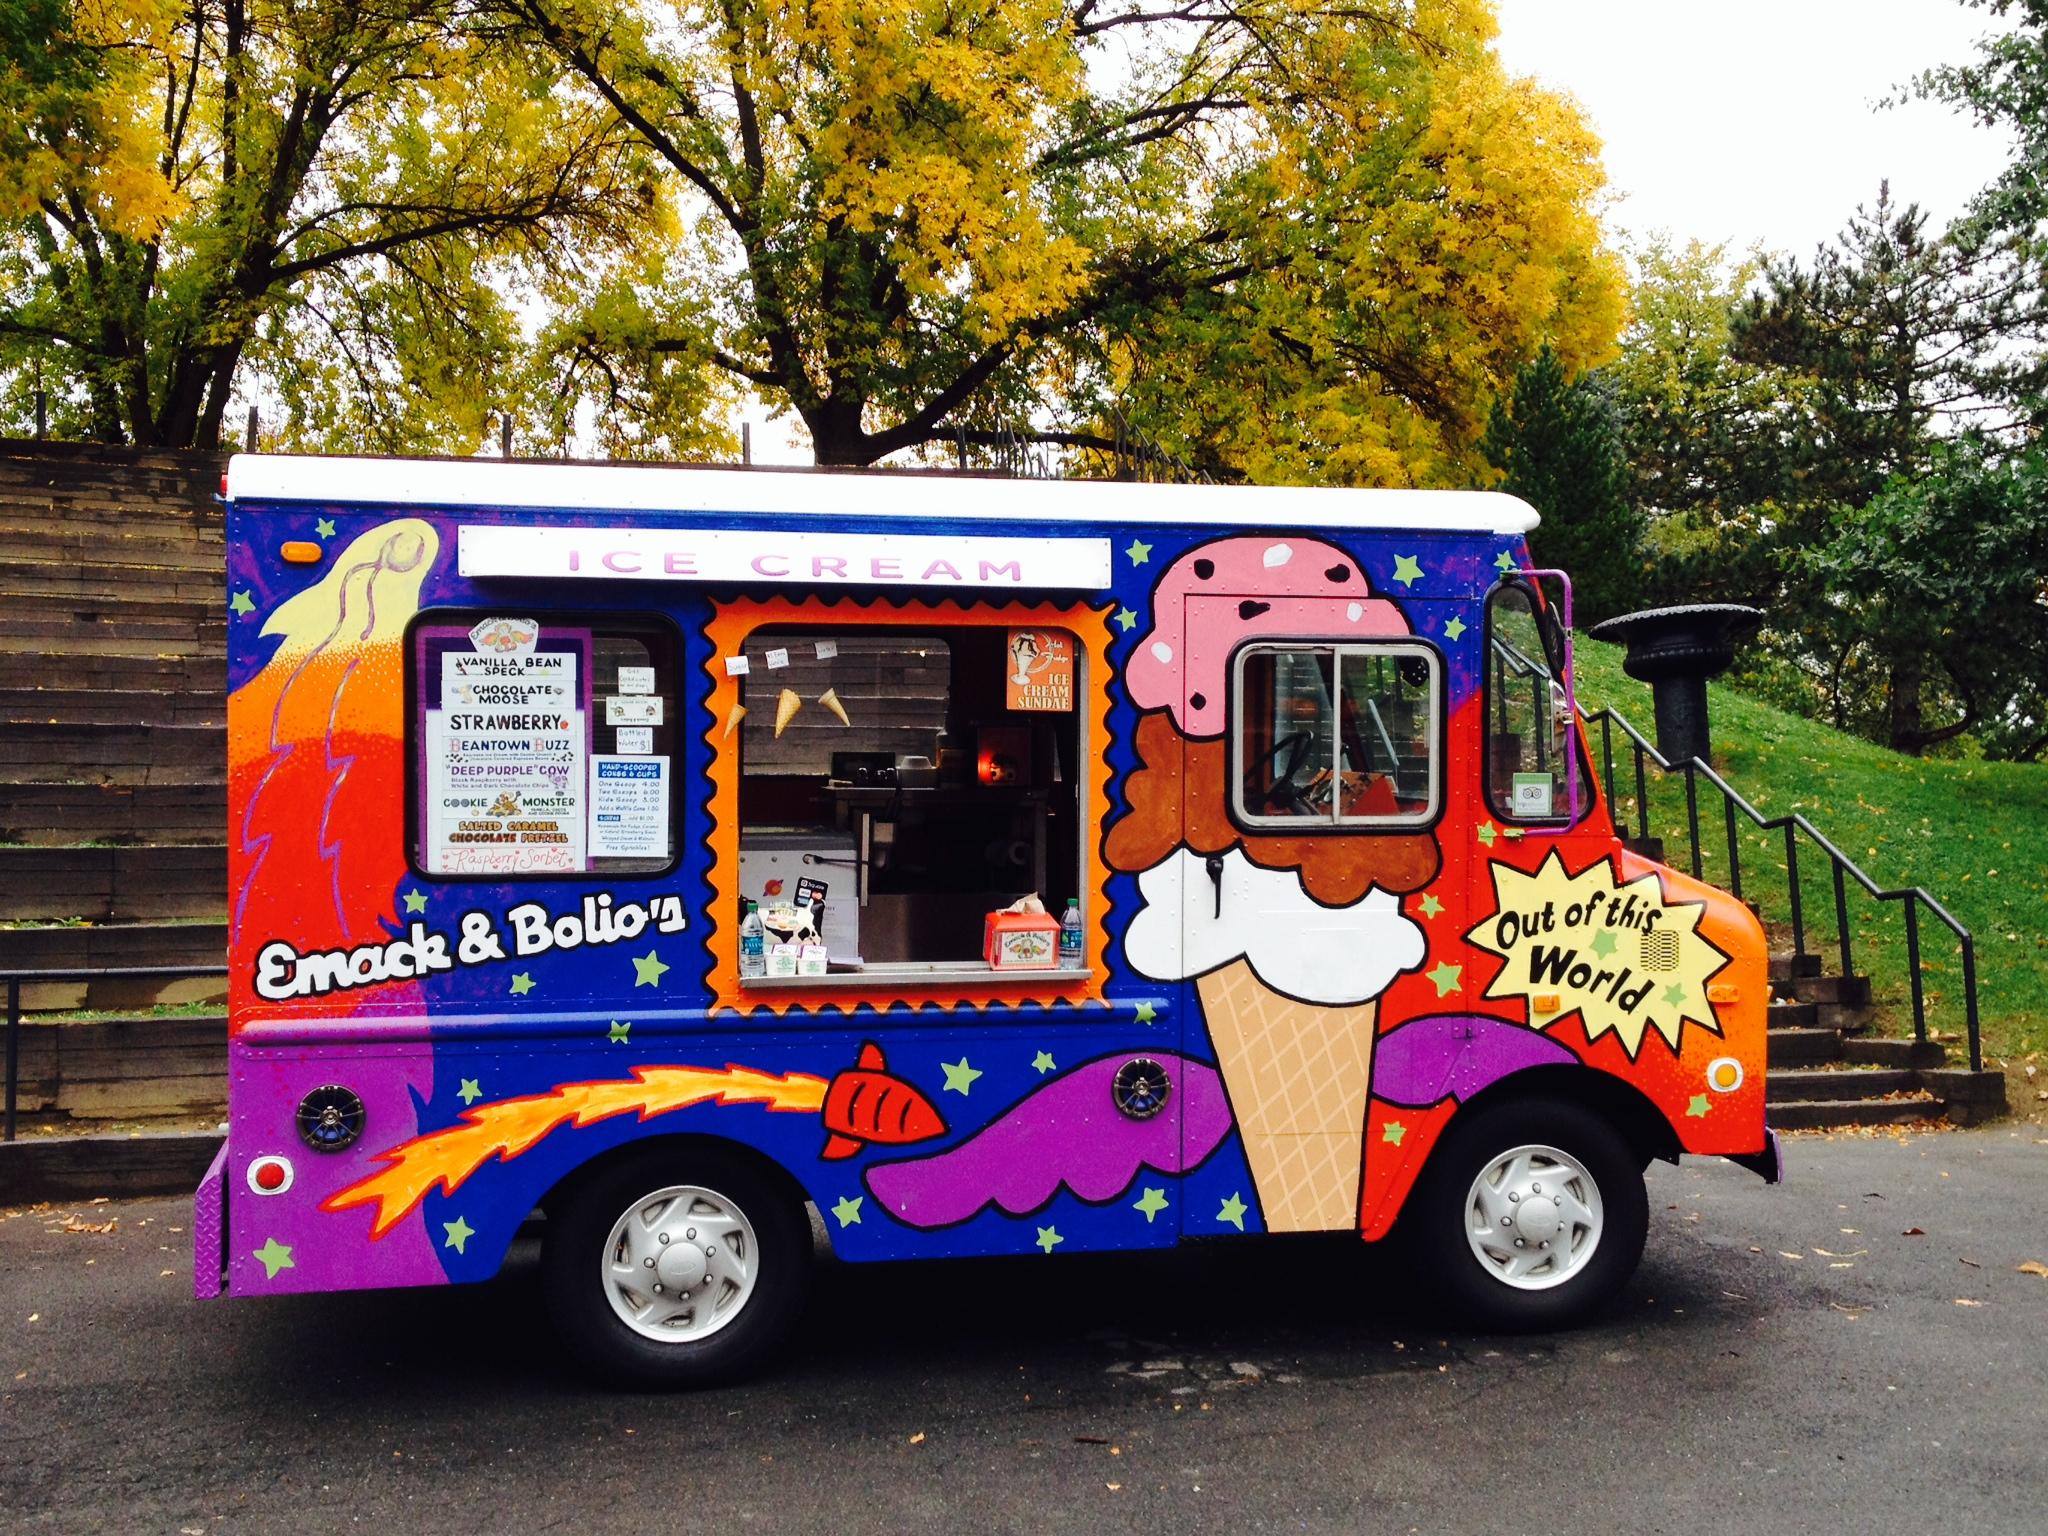 emack-mobile-ice-cream-truck-design